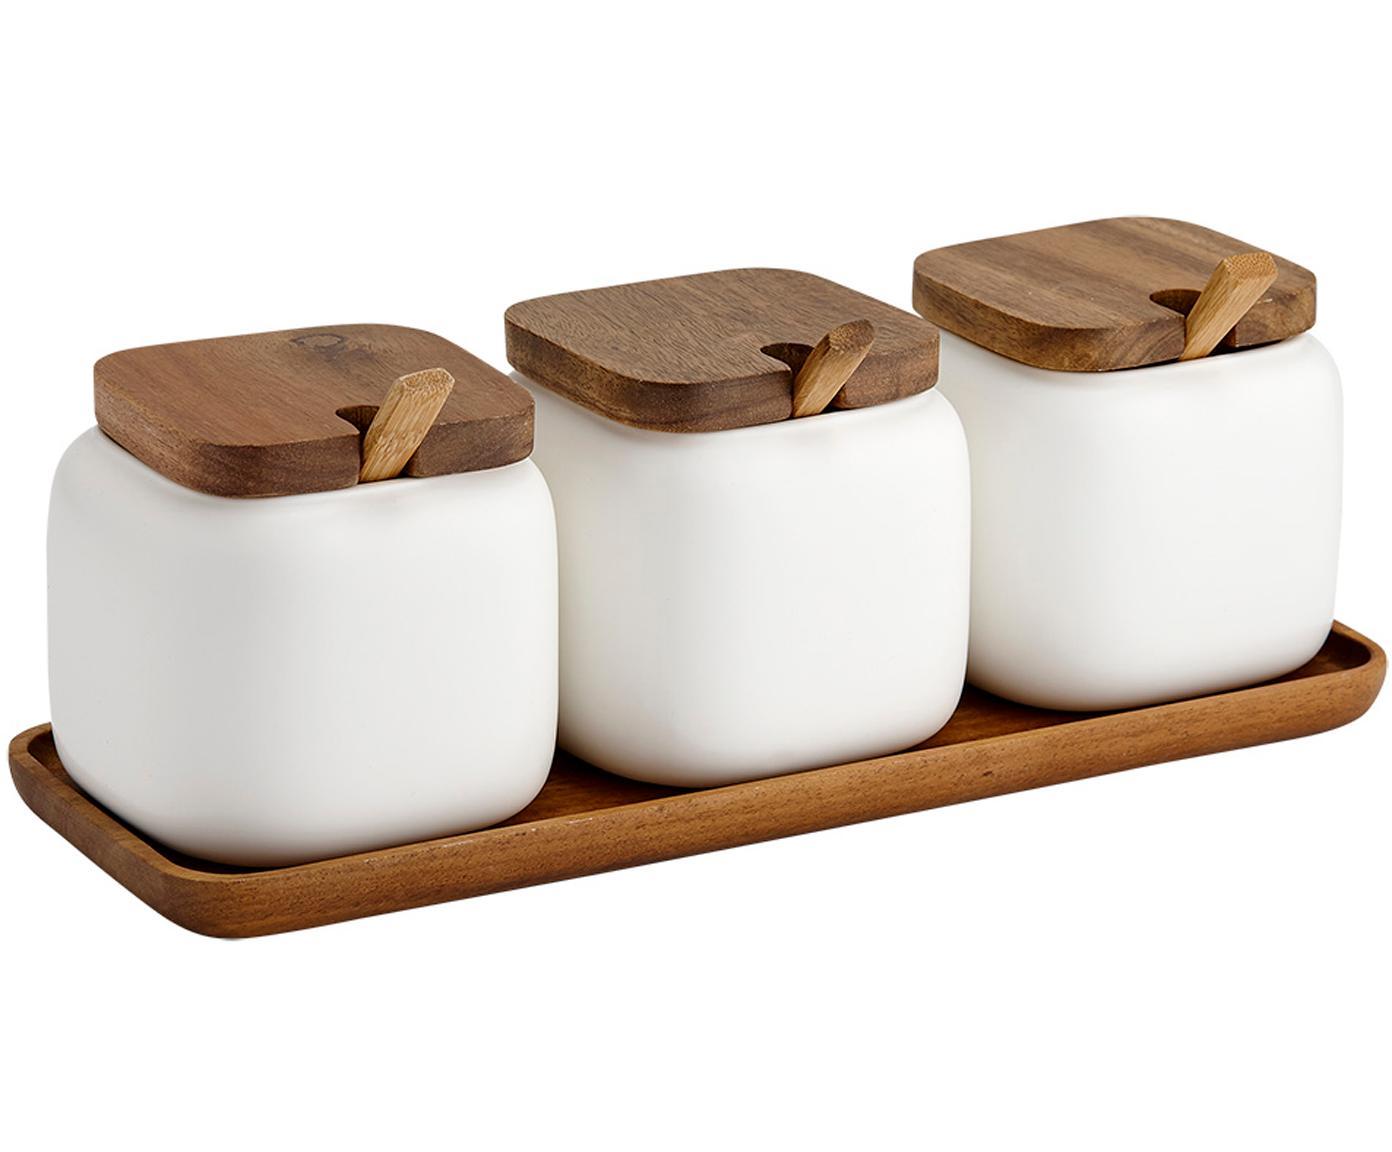 Komplet pojemników do przechowywania z porcelany i drewna akacjowego Essentials, 7 elem., Biały, drewno akacjowe, Różne rozmiary